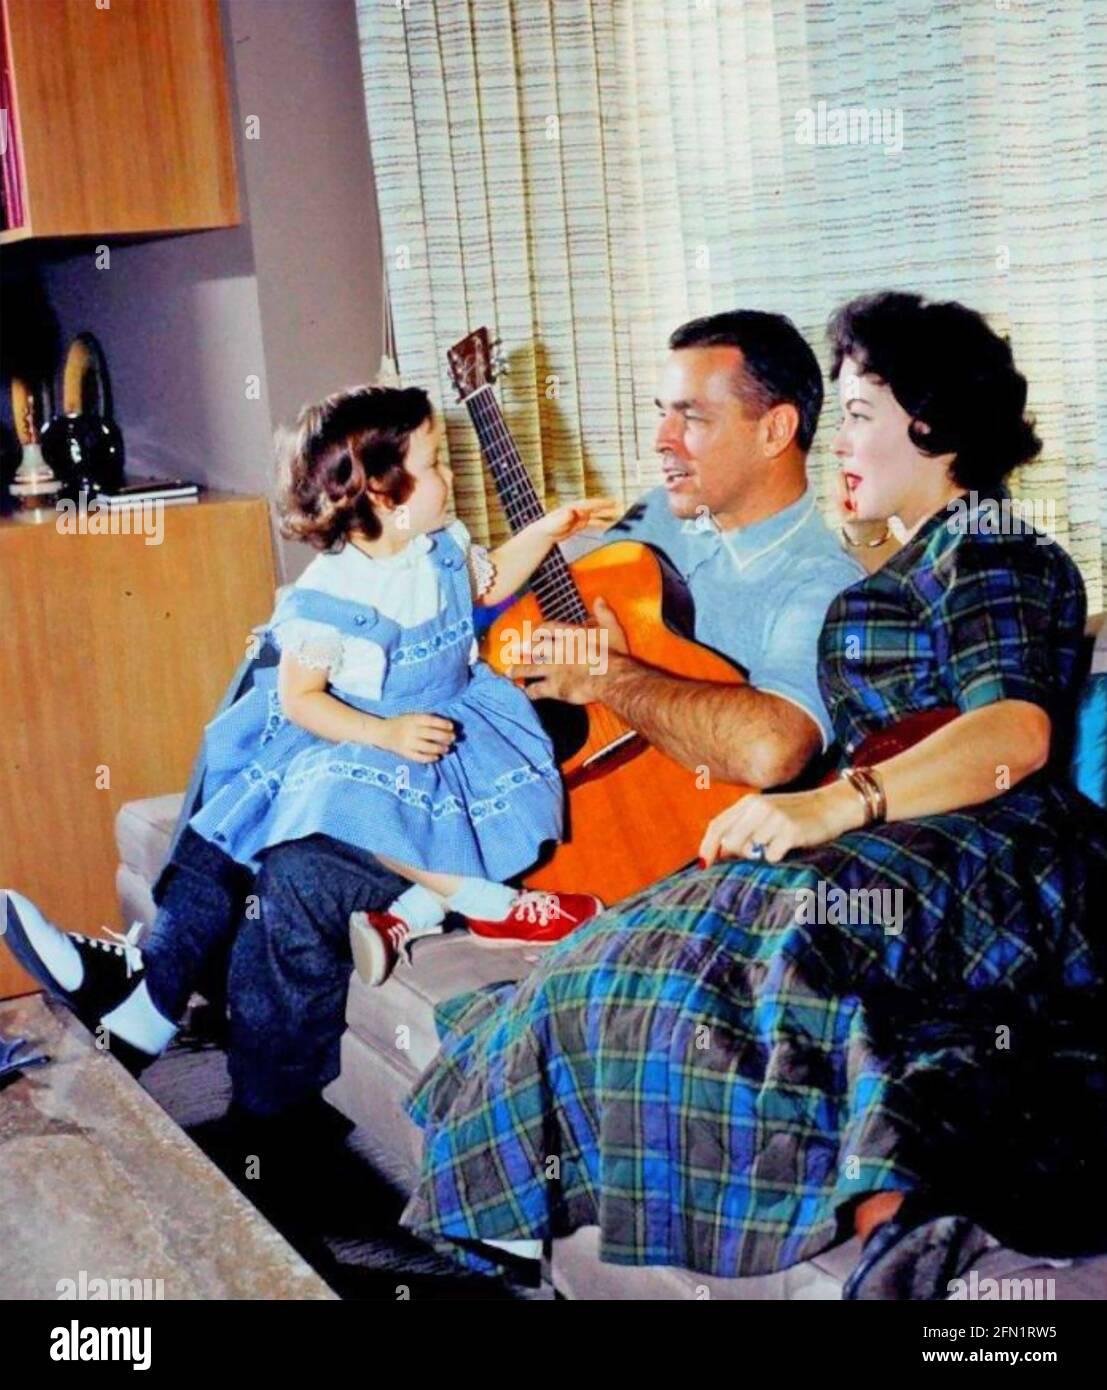 SHIRLEY TEMPLE (1928-2014) actrice américaine de film et plus tard diplomate avec Son second mari Charles Black et leur fille Lori environ 1960 Banque D'Images